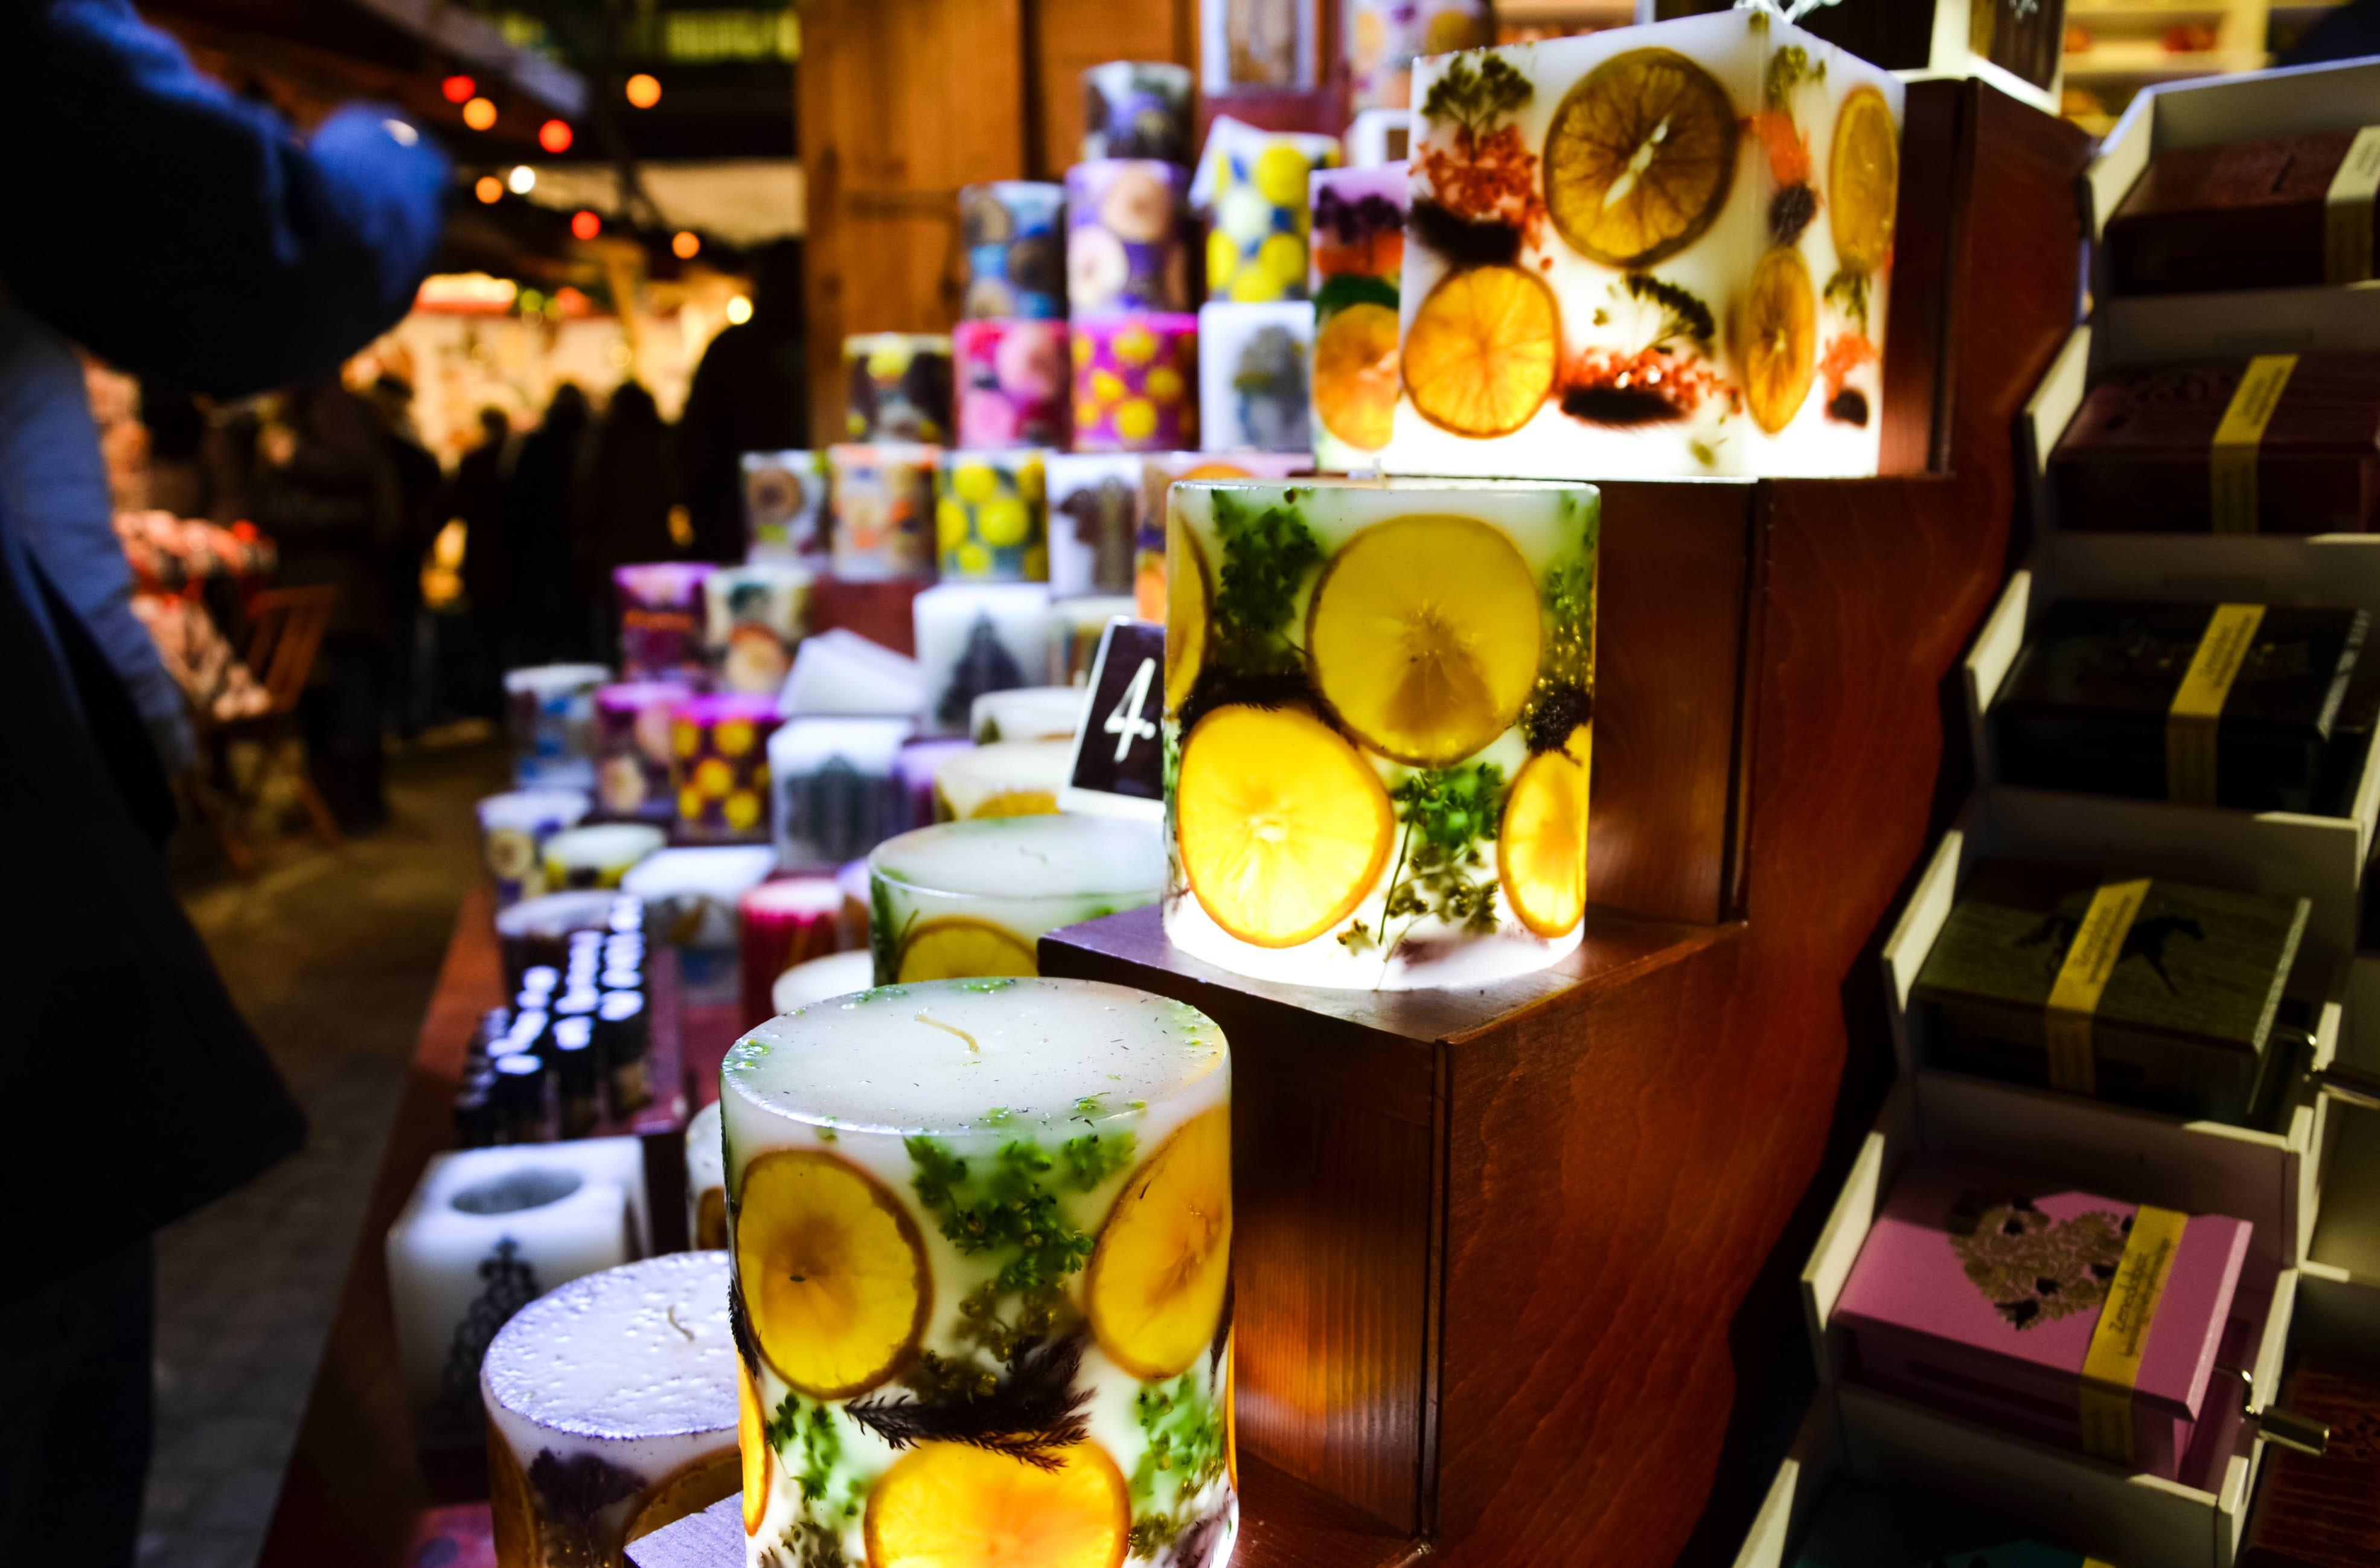 Свечи ручной работы, рождественский рынок Будапешта